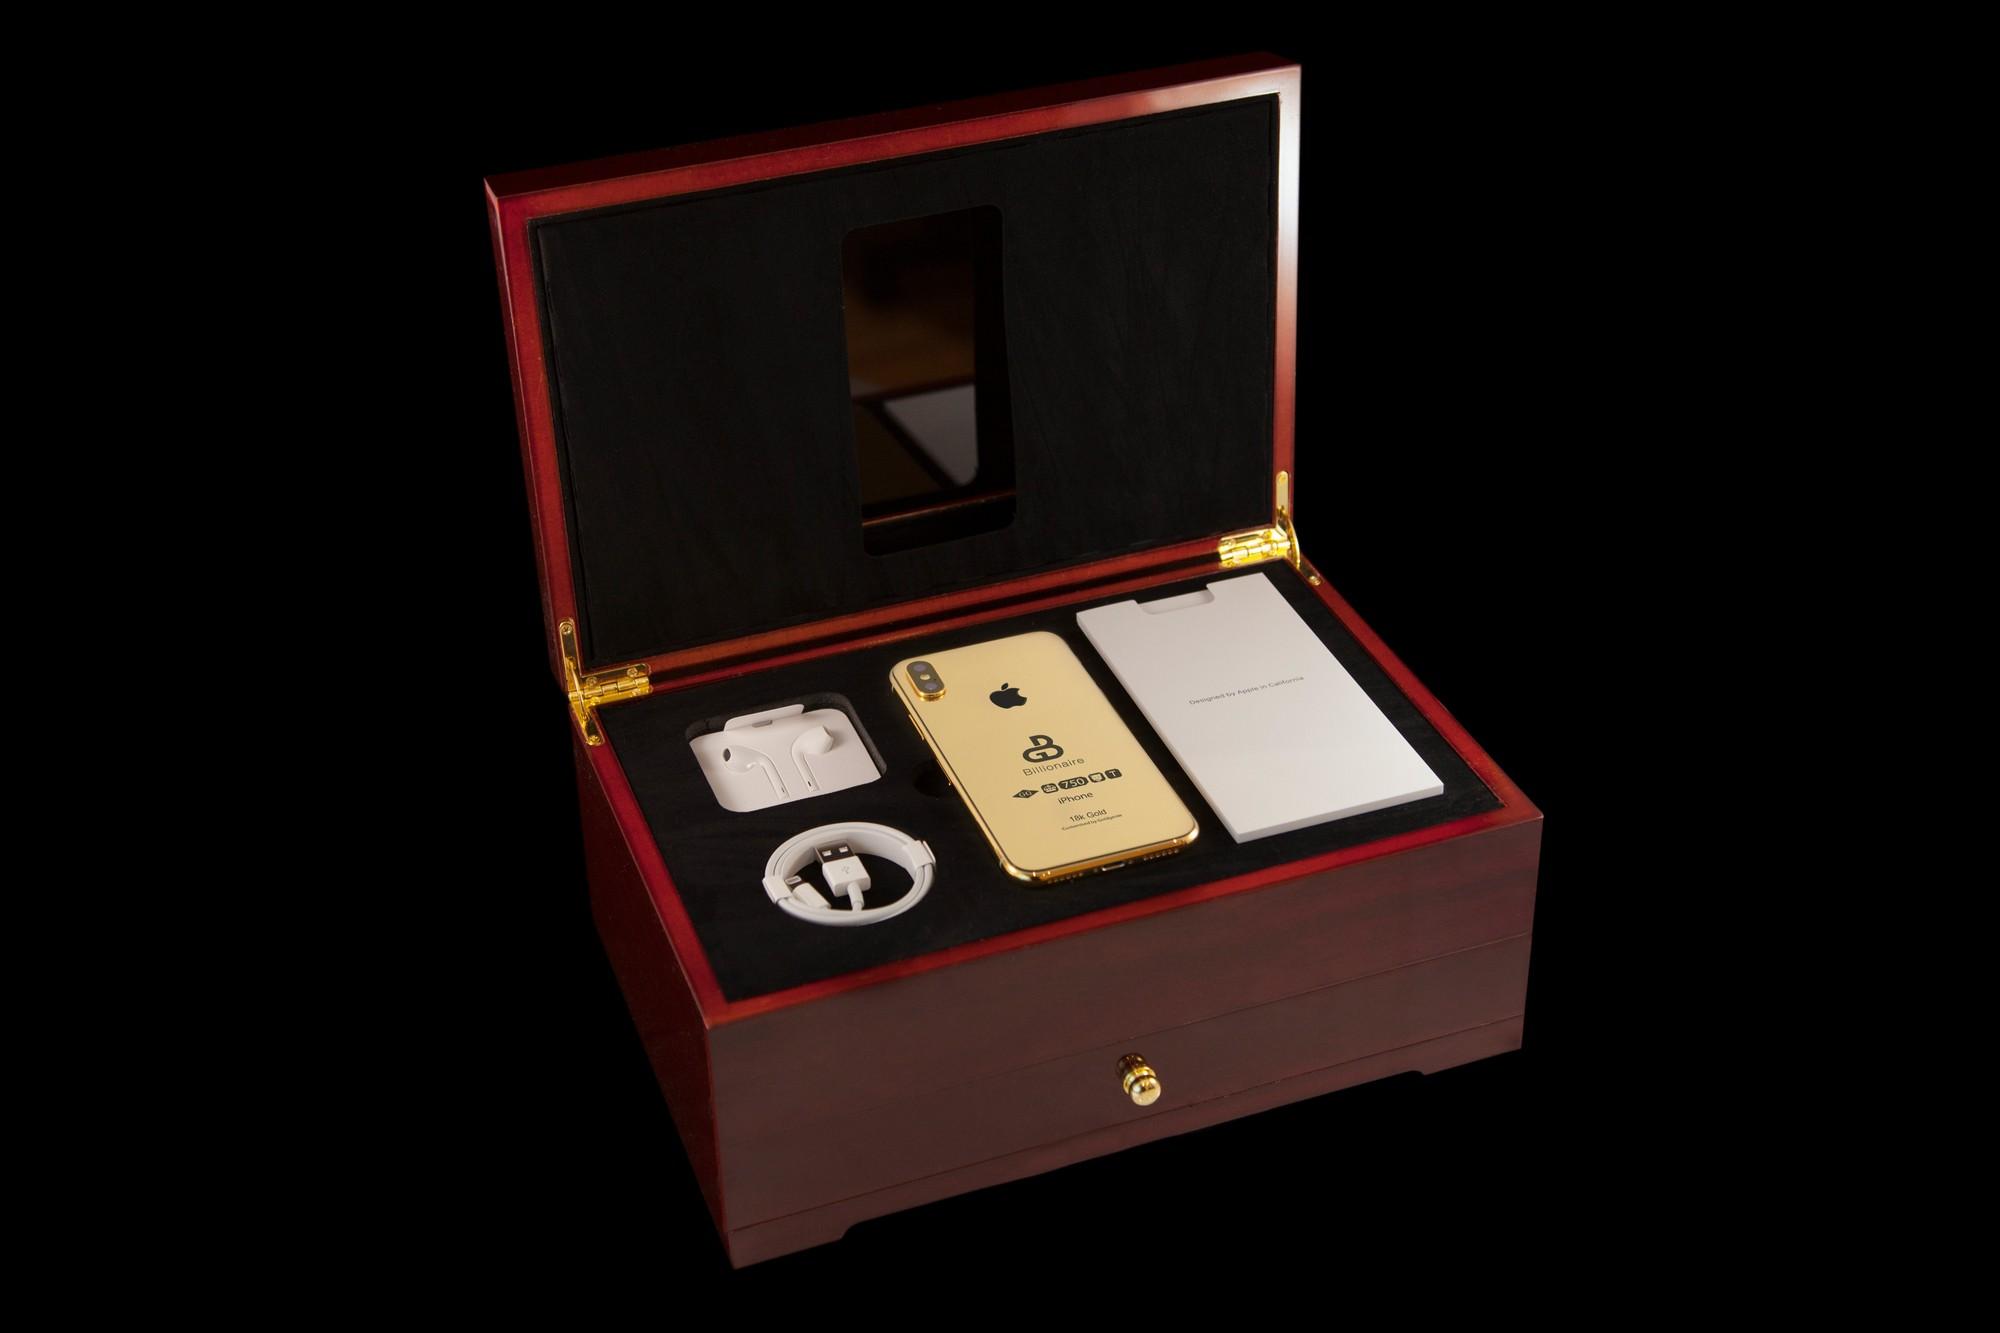 iPhone Xs ép vàng gần 3 tỷ đồng đã xuất hiện cho đặt online dù hàng gốc Apple tháng sau mới ra mắt - Ảnh 5.